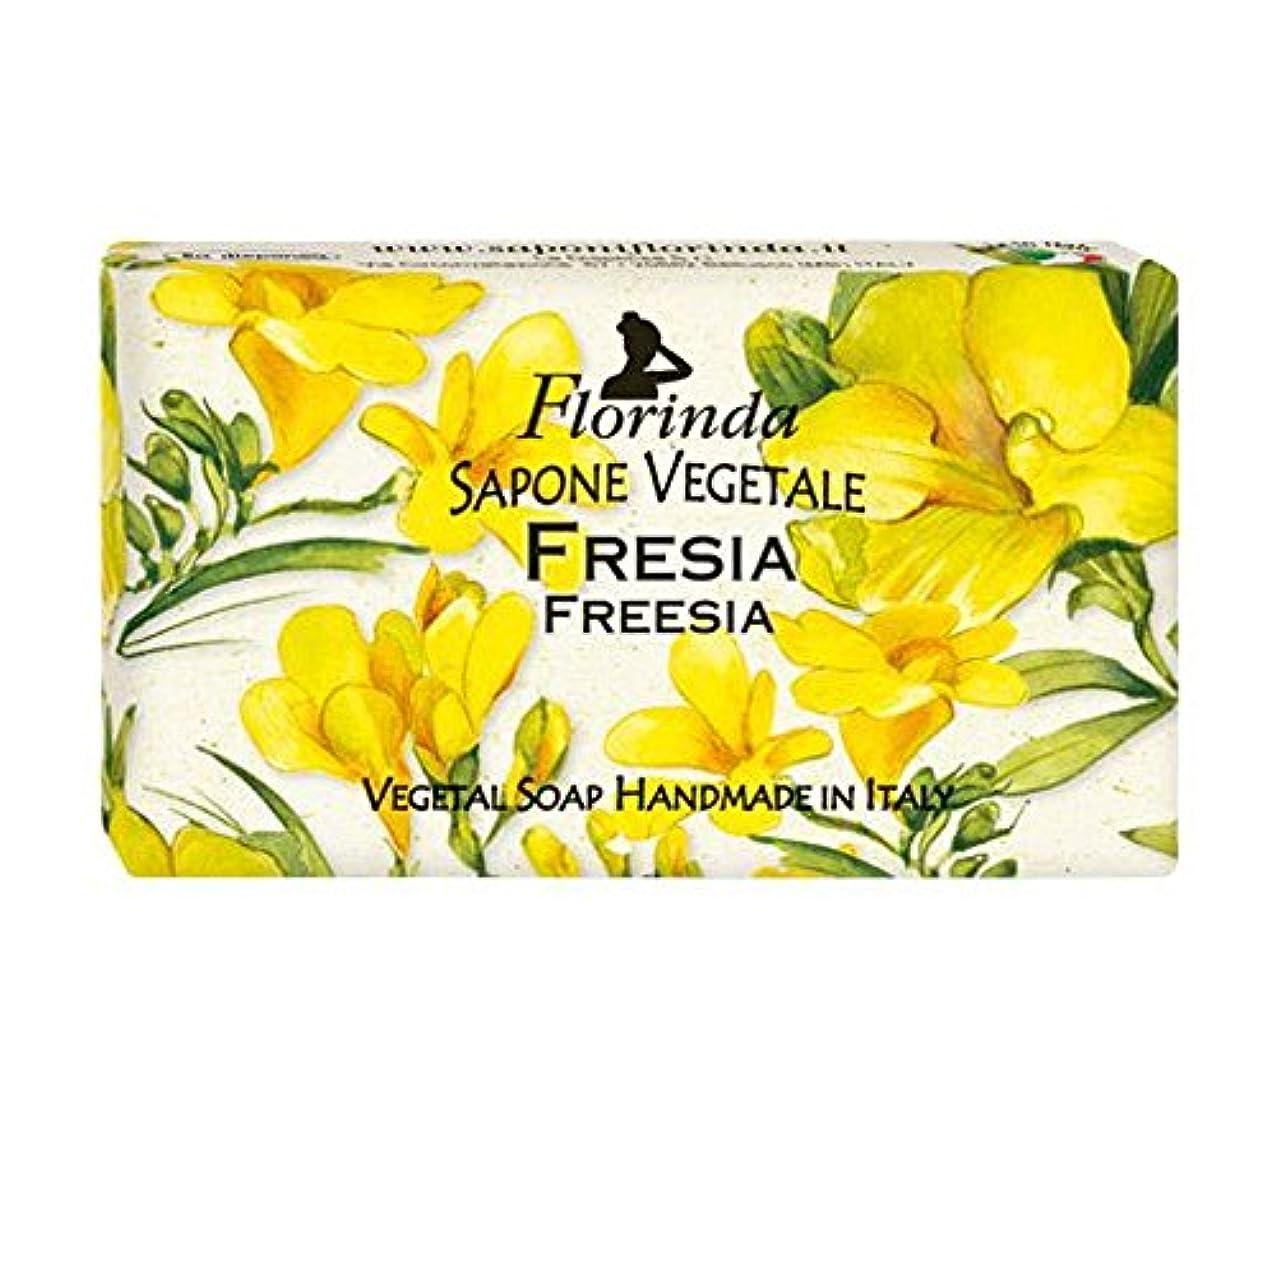 春広々チューブFlorinda フロリンダ フレグランスソープ フローレンス フリージア 100g [並行輸入品]